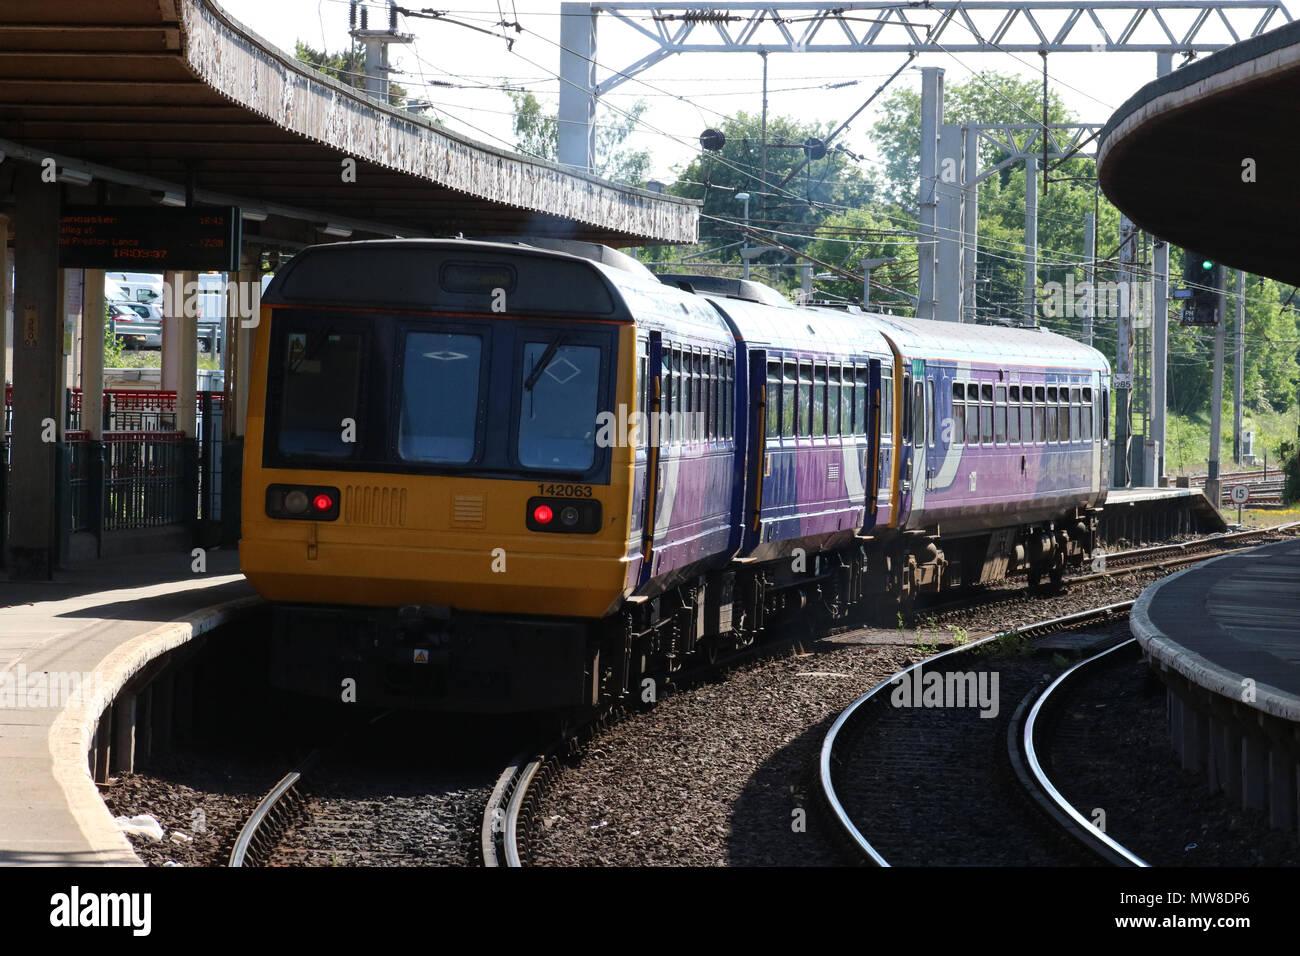 Diesel Pacer 142063 un service du nord de la plate-forme à 1 à Carnforth gare avec train de passagers de Leeds à Morecambe. Photo Stock